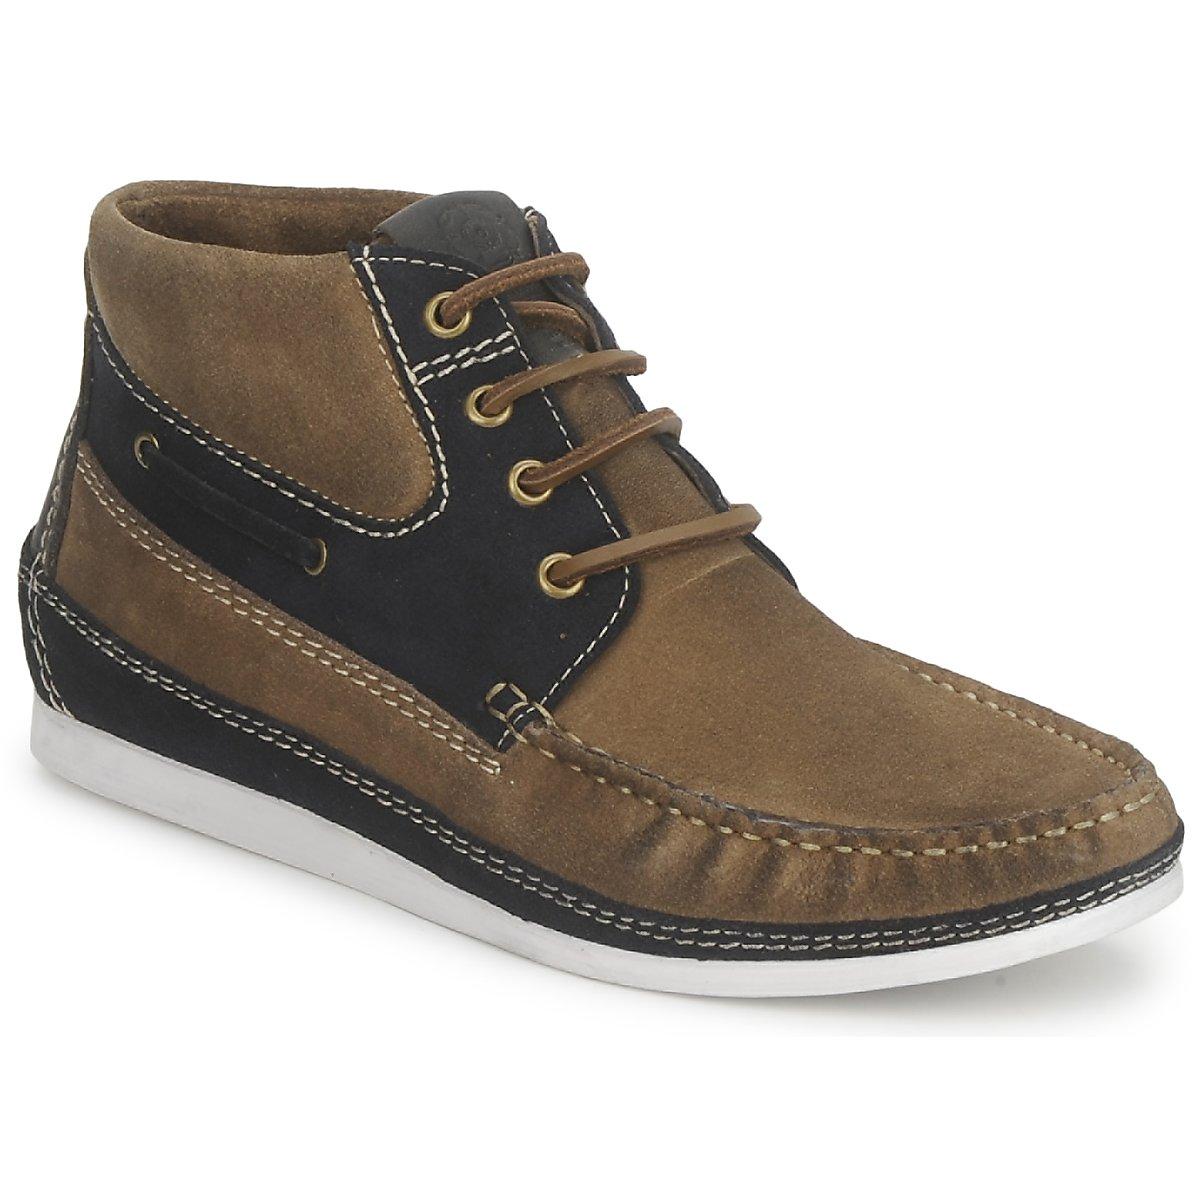 Sneakers Nicholas Deakins  bolt